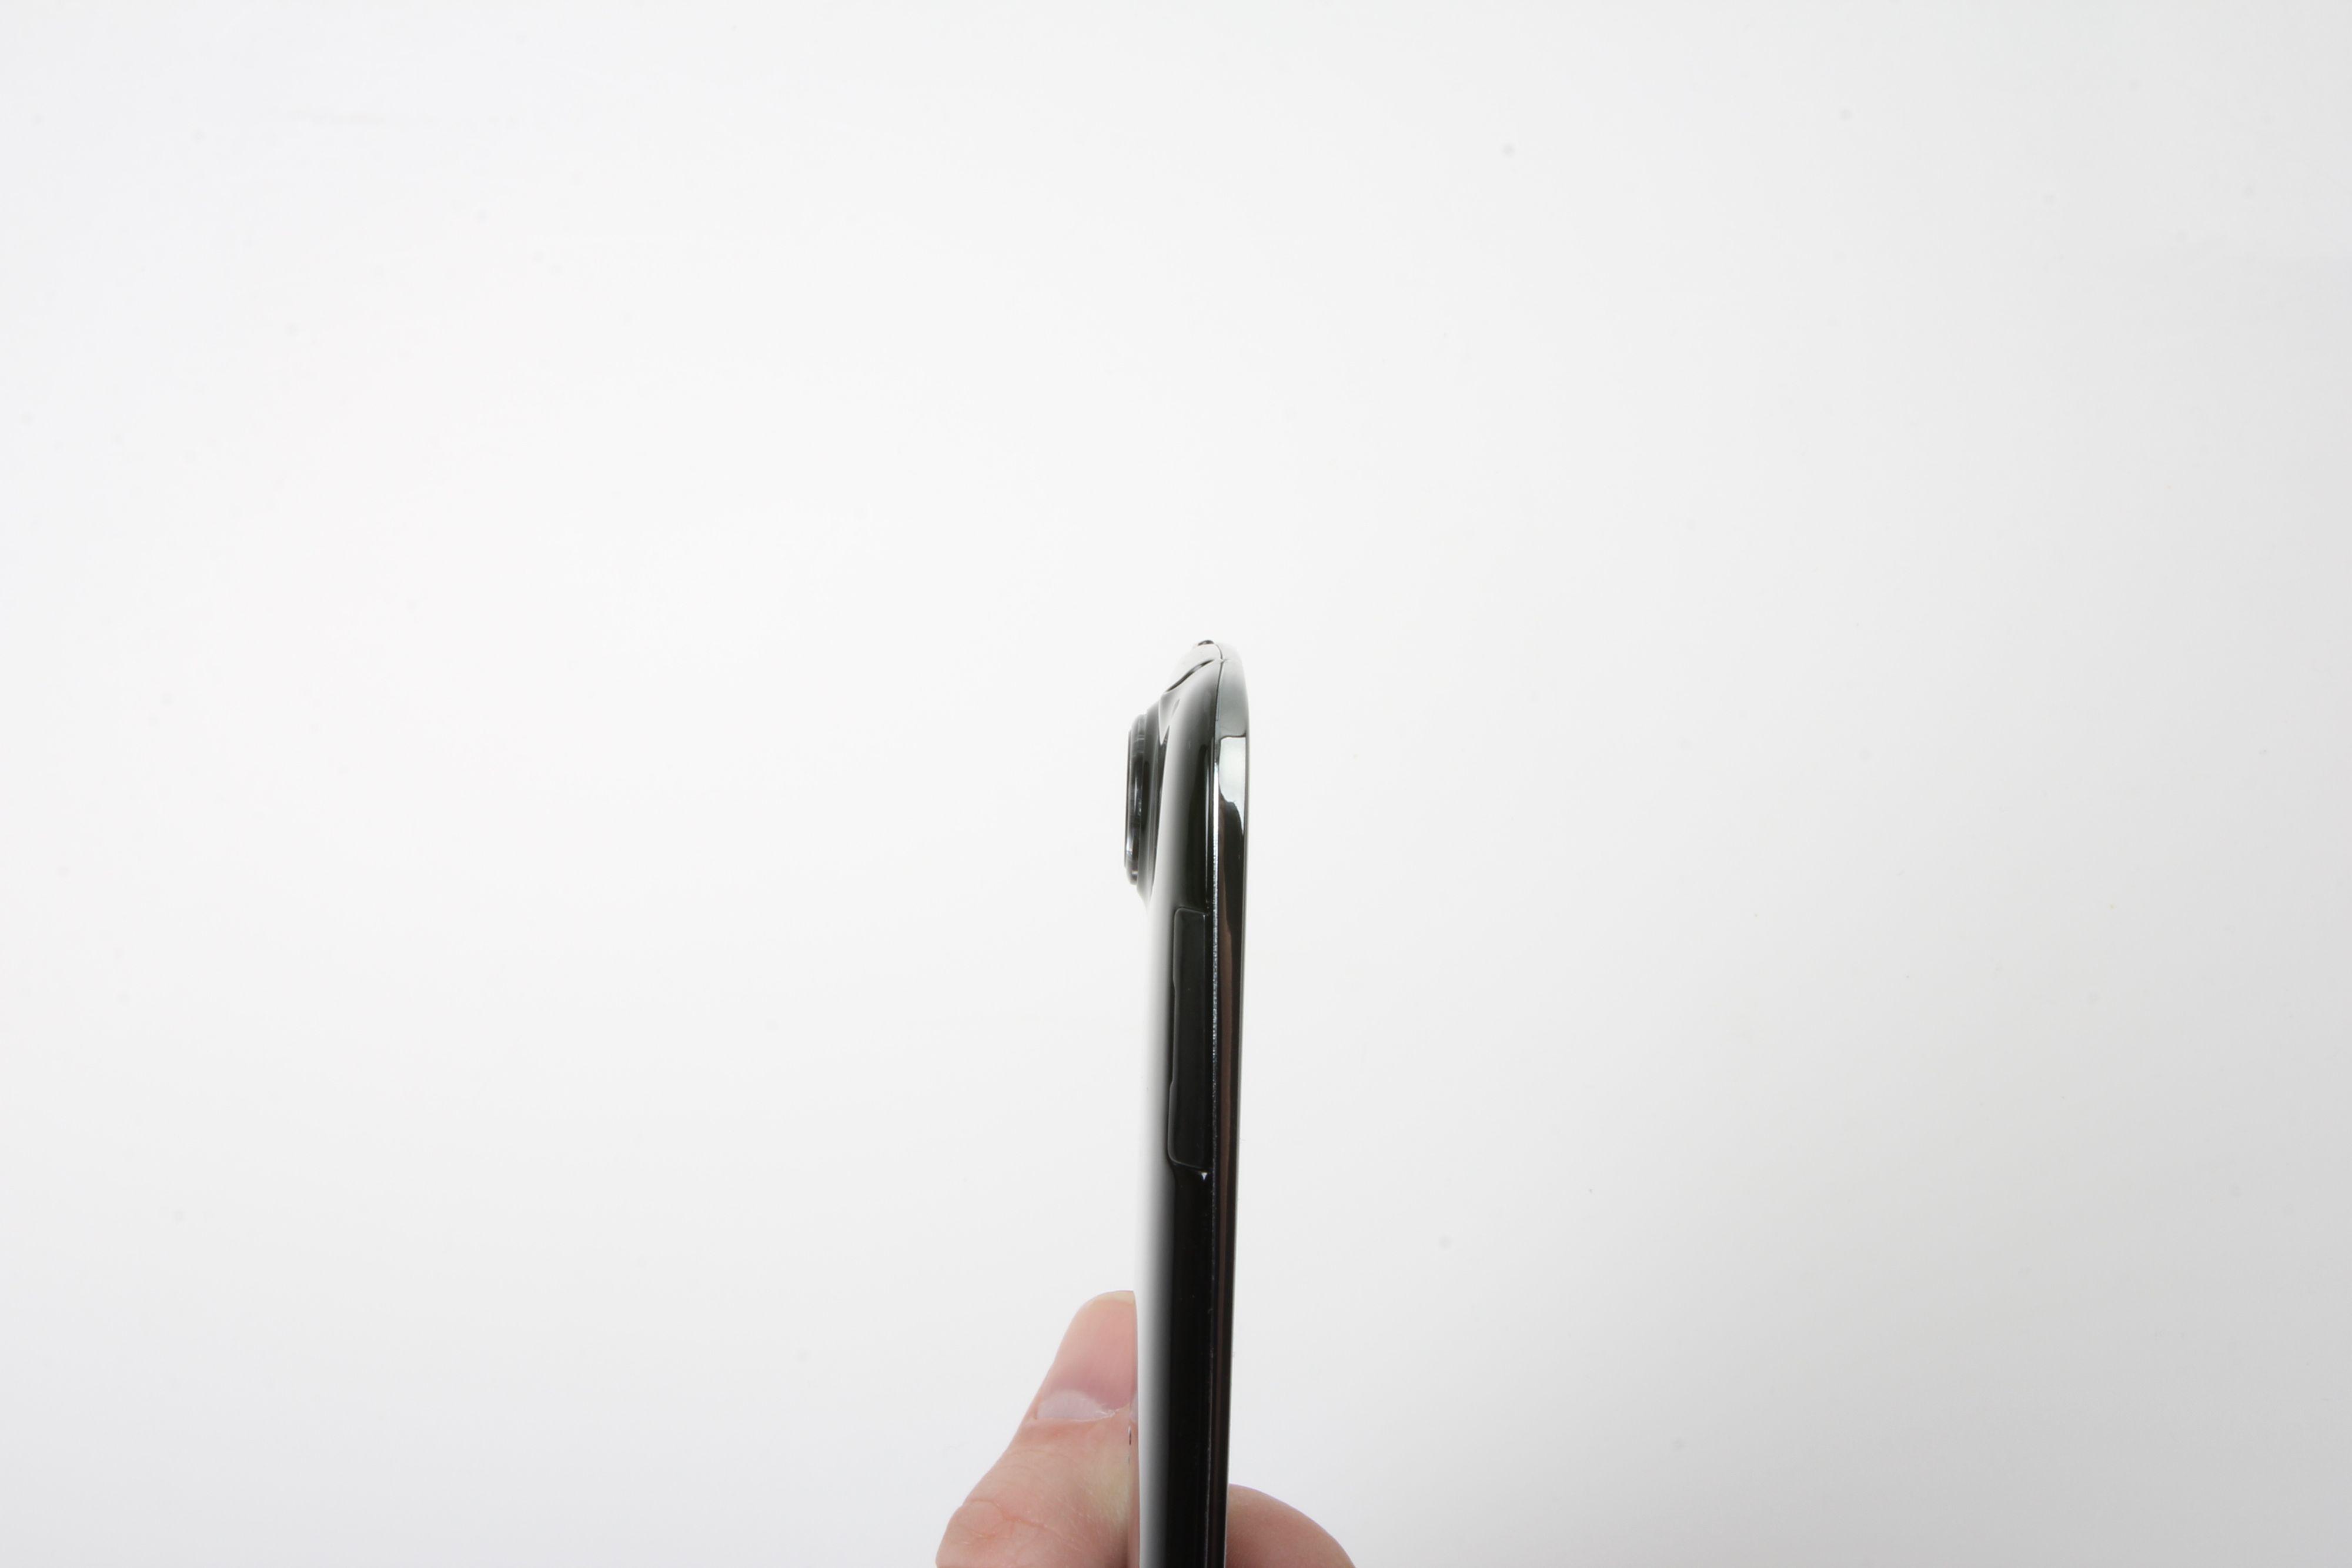 Acer Liquid Jade, kameraet stikker en del ut fra resten av telefonen